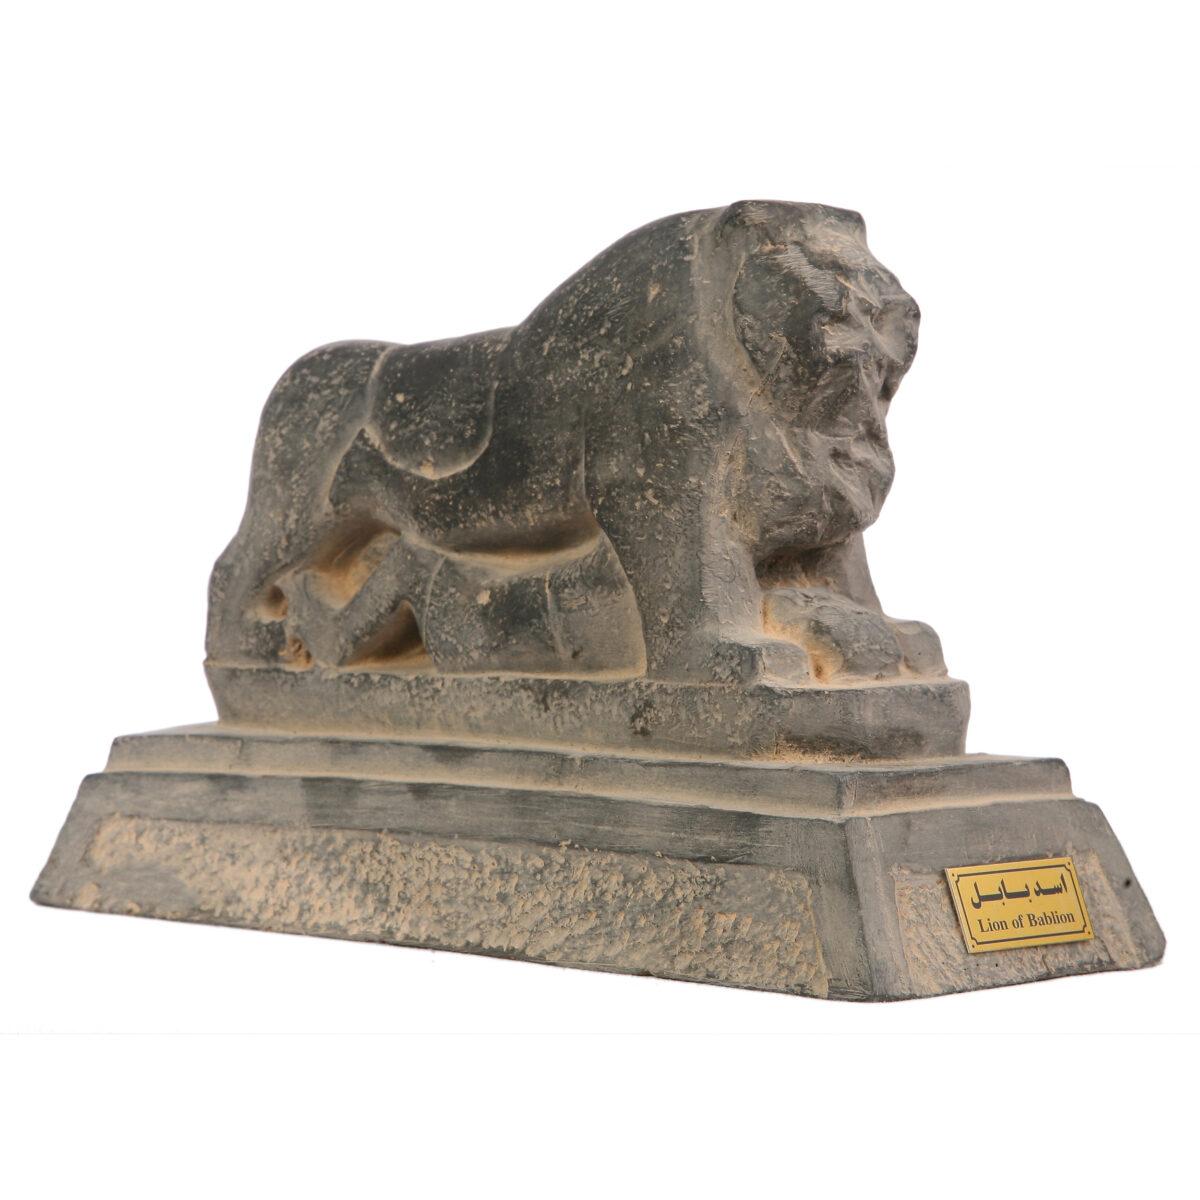 مجسمه تندیس و پیکره شهریار مدل شیر بابل کد MO3220